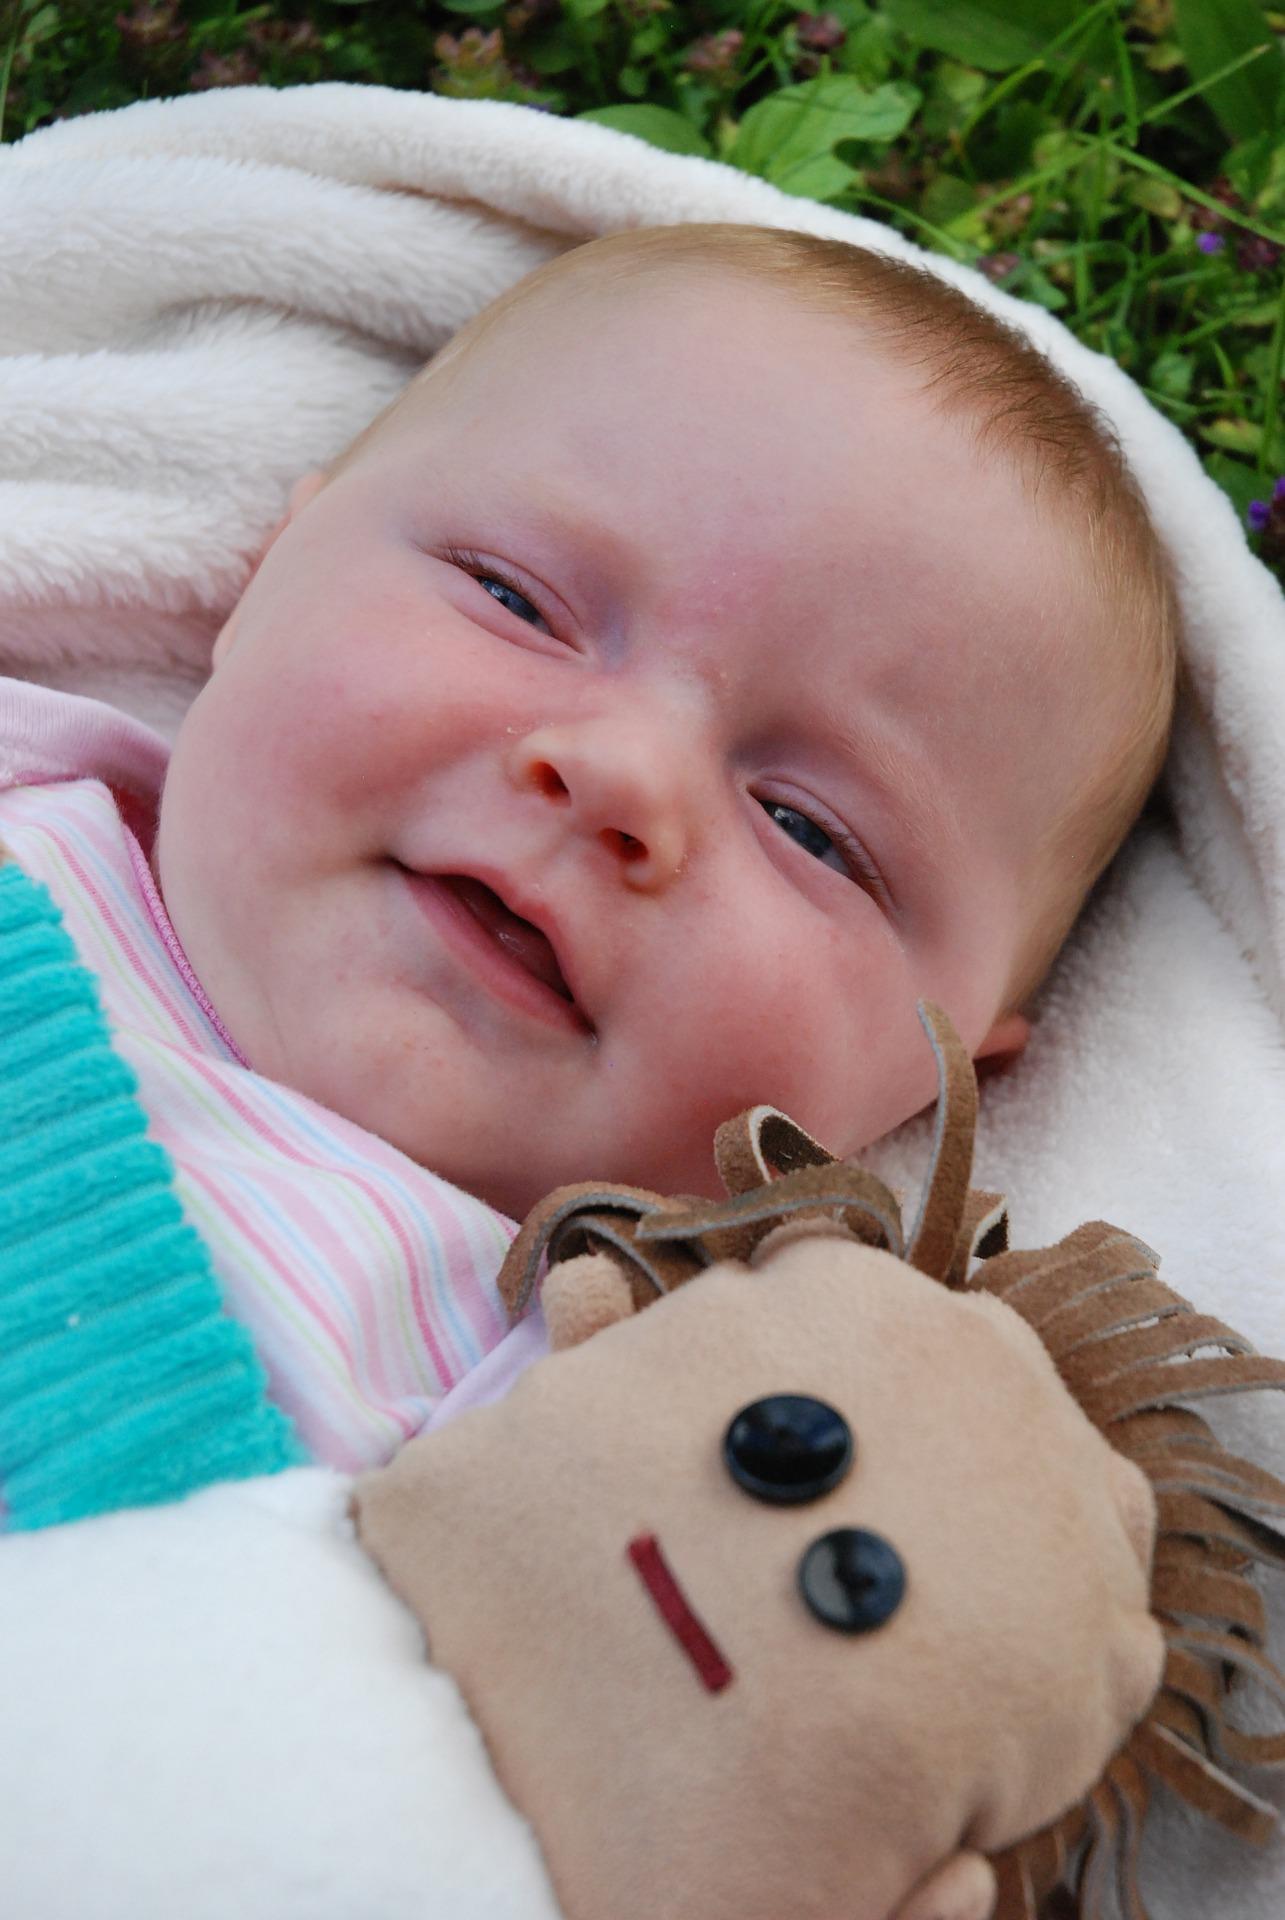 Baby mit Spielzeug ablenken um Nase zu saugen